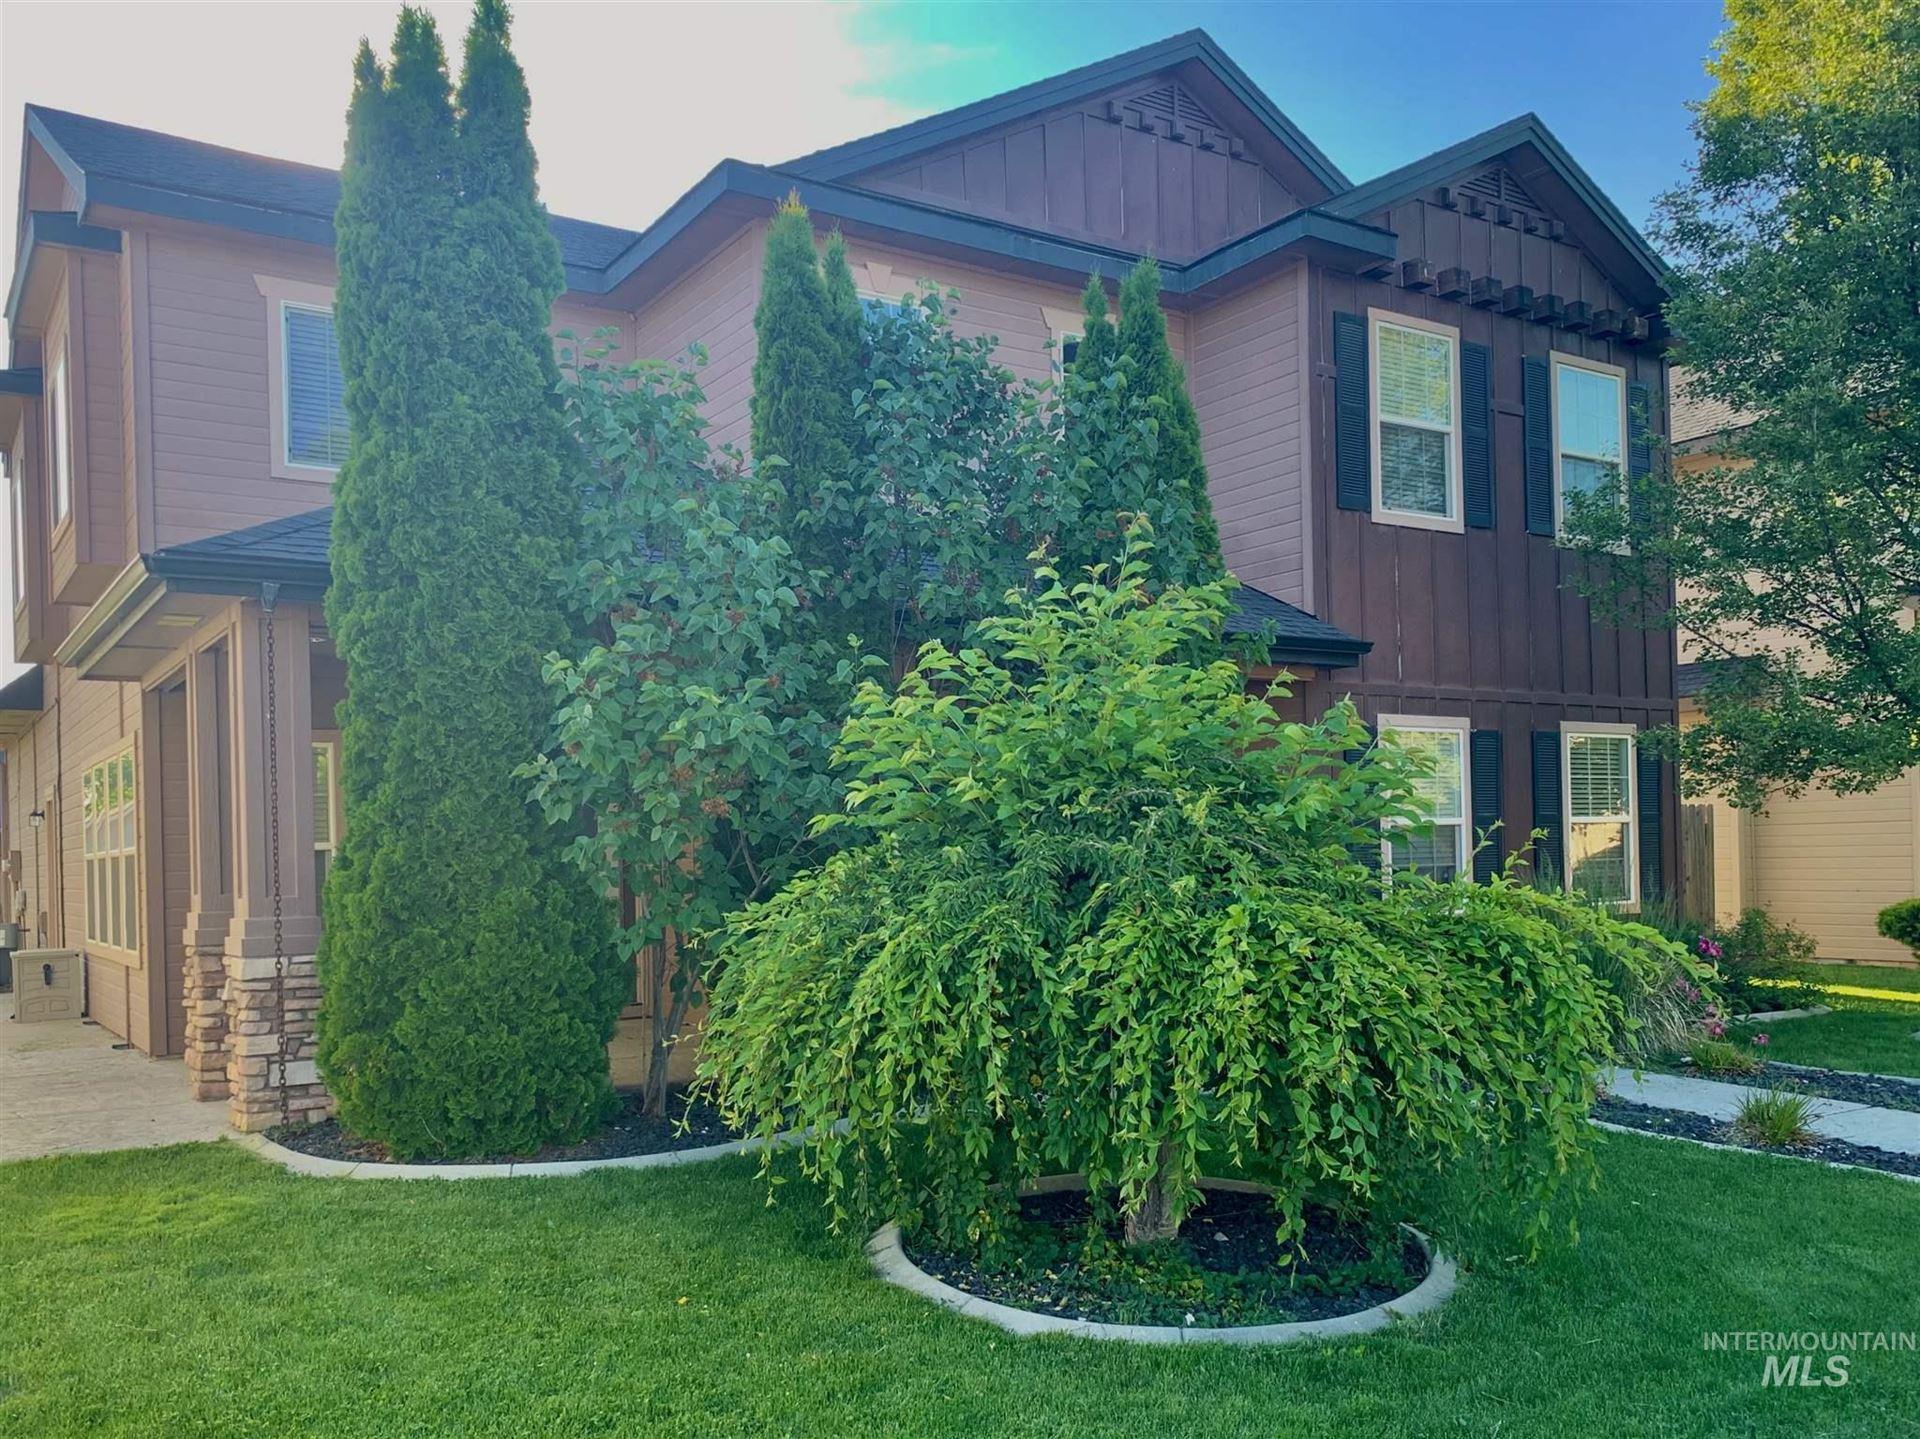 Photo of 4773 S Silvermaple, Boise, ID 83709 (MLS # 98768701)